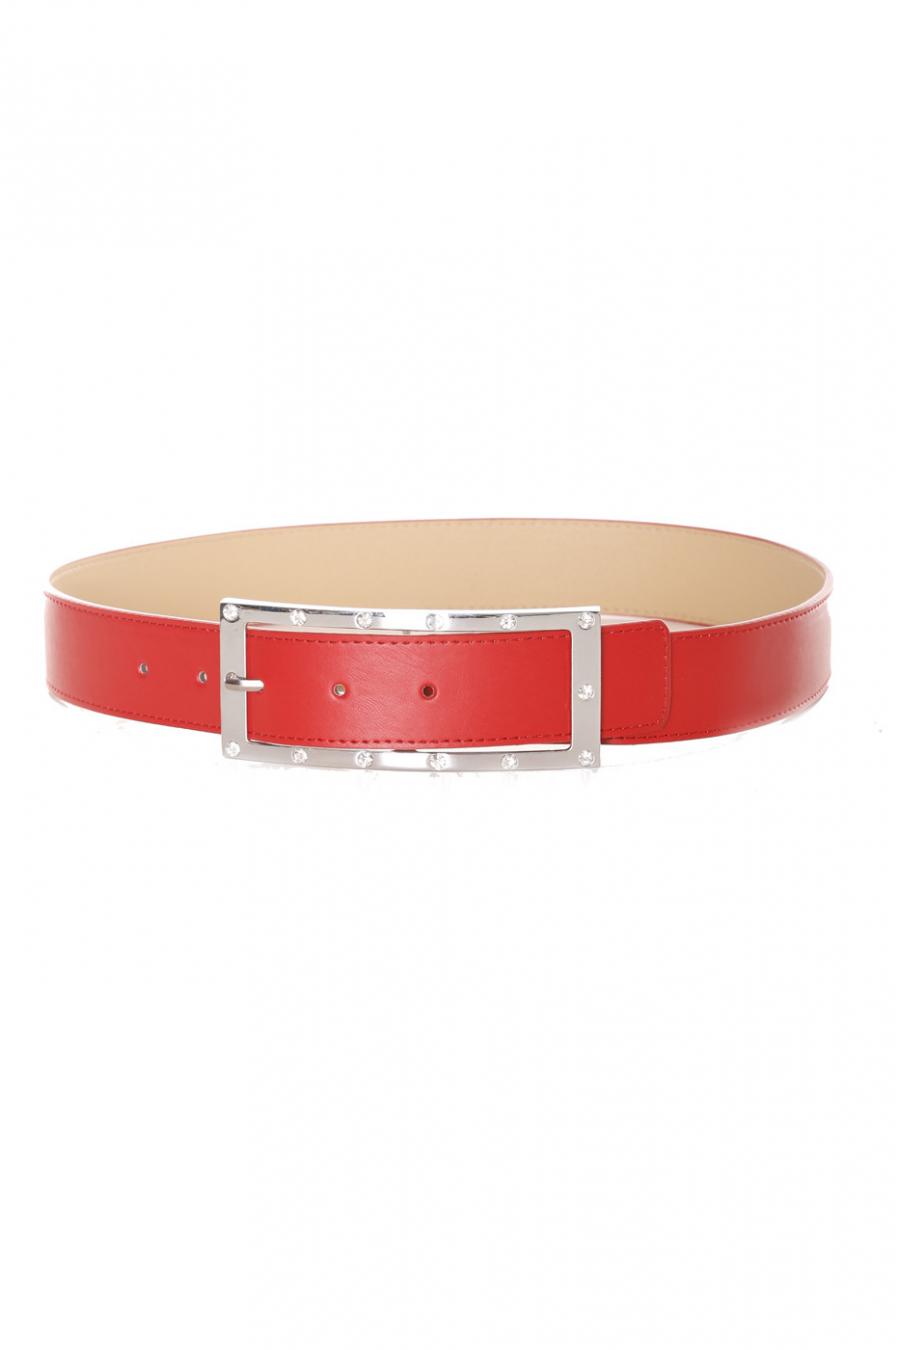 Rode riem met gesp en strass steentjes - 9008